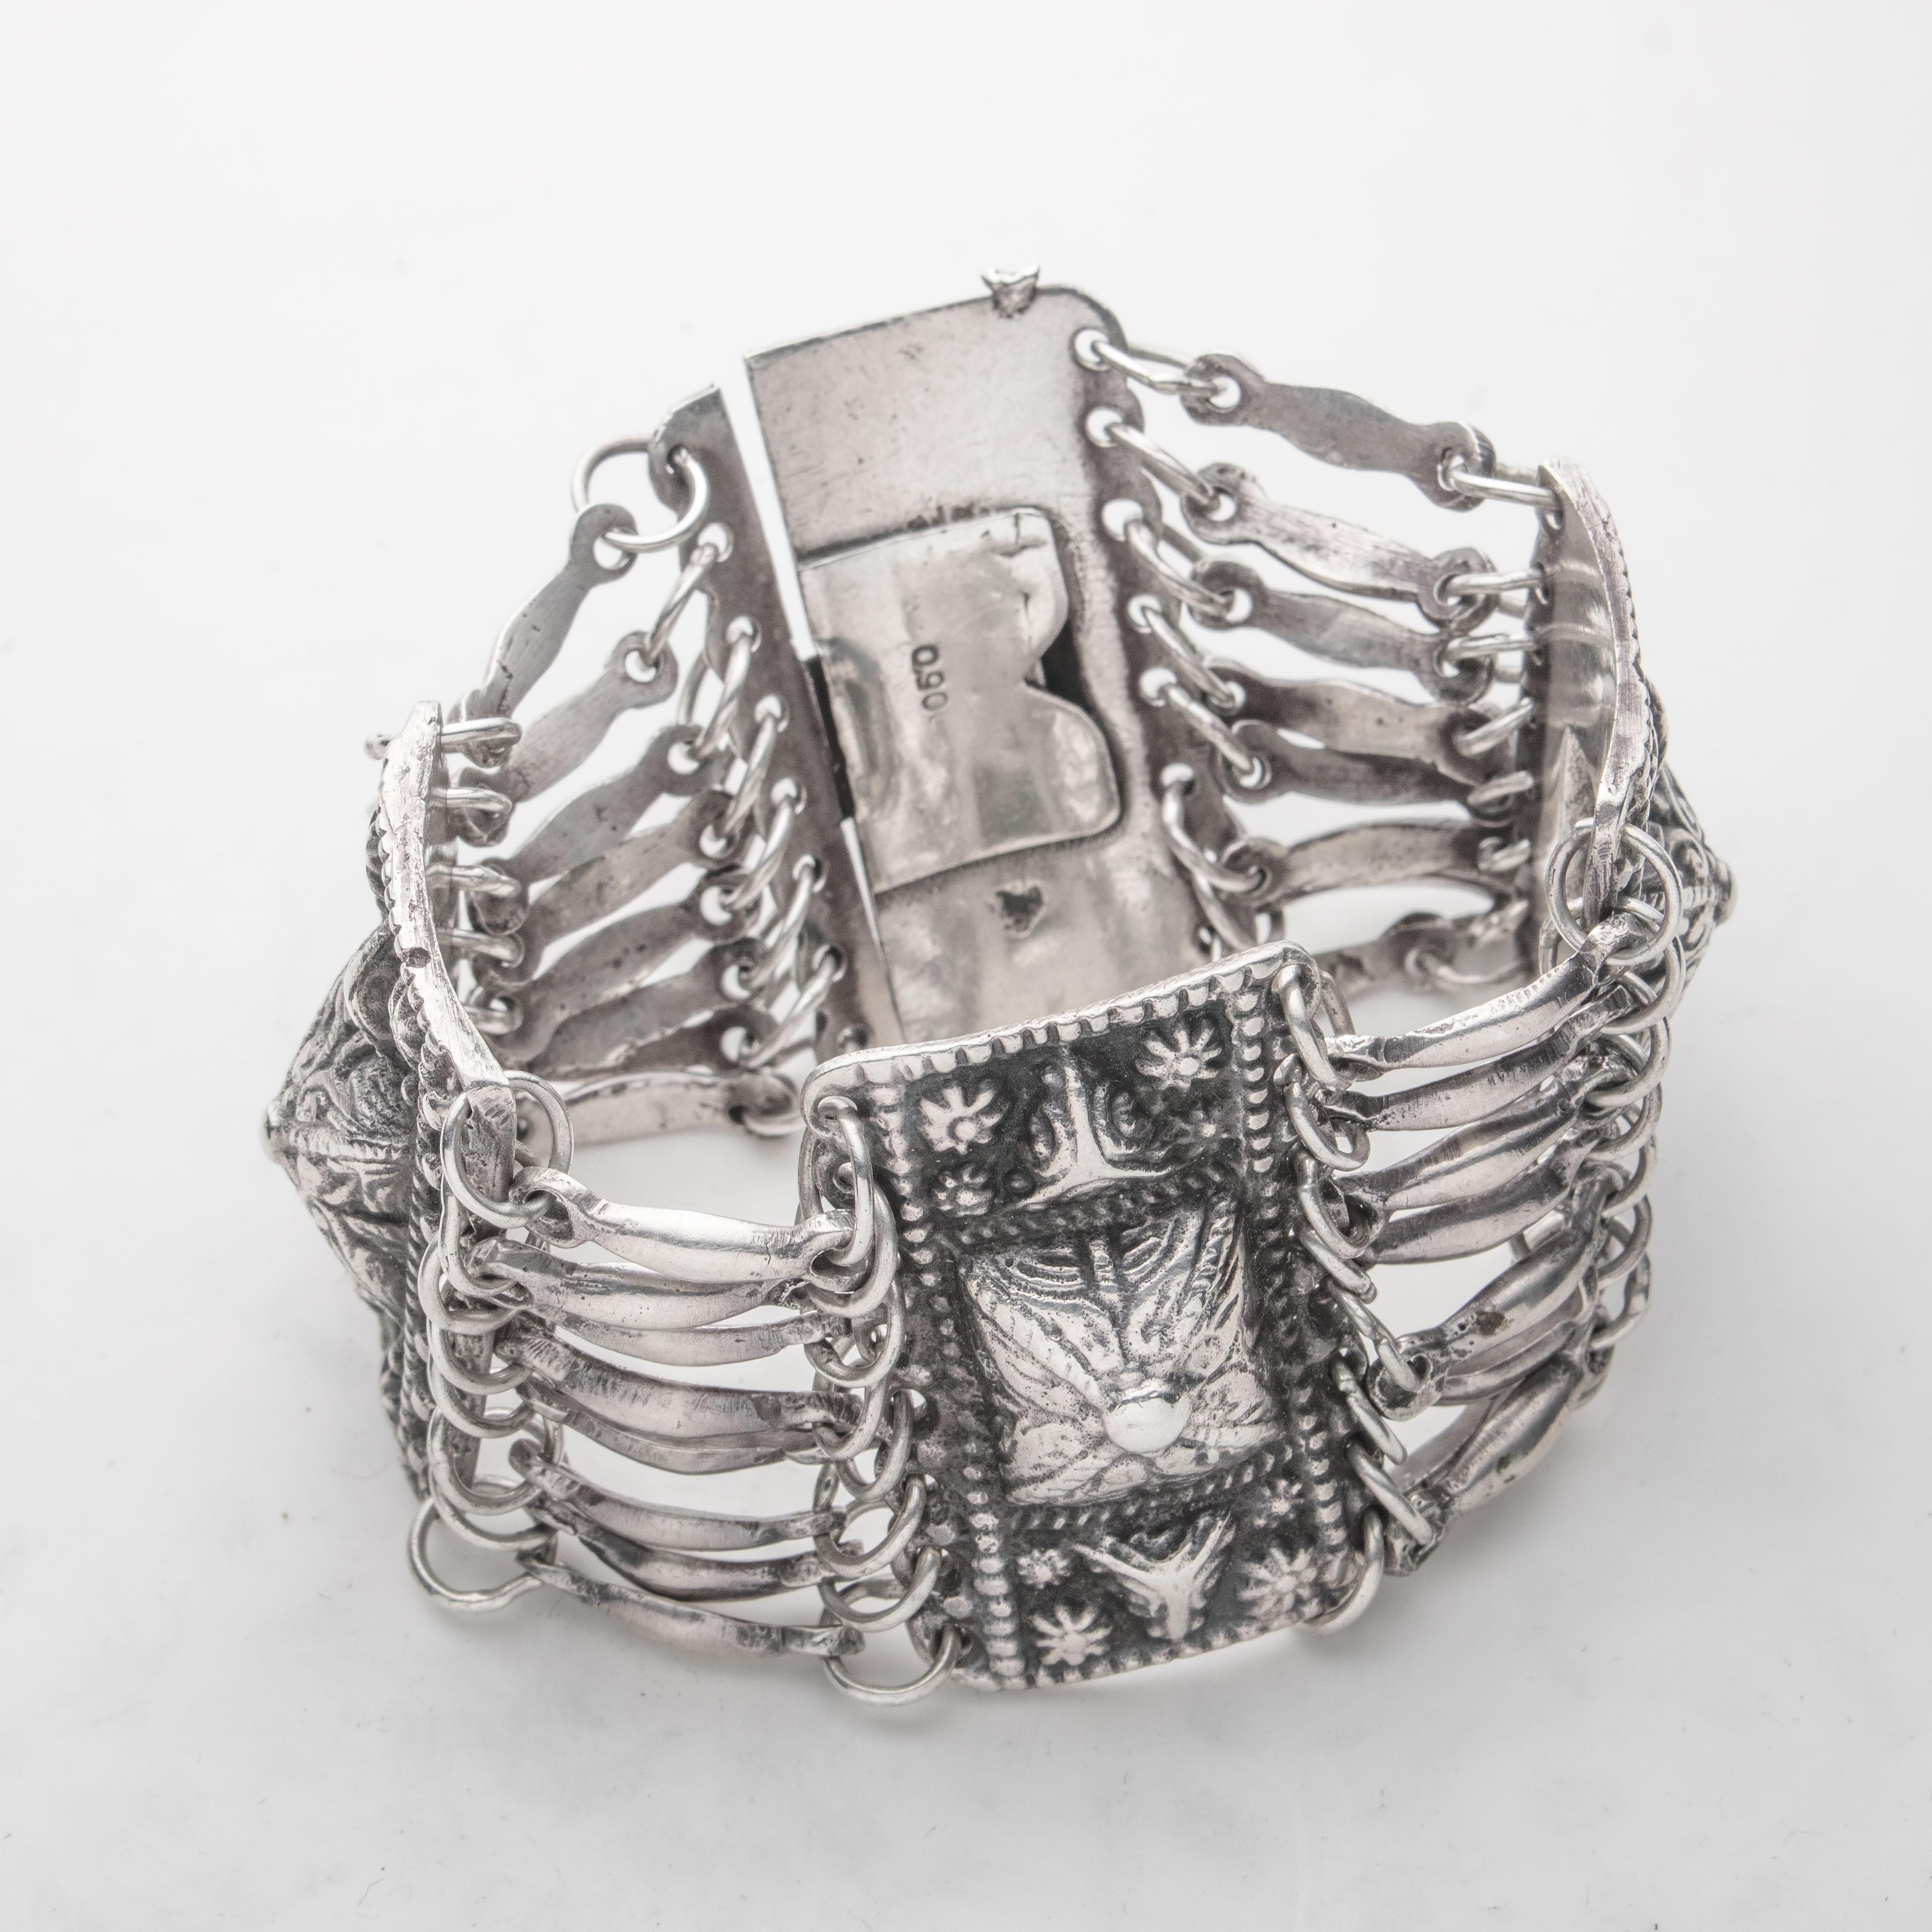 Meksikansk armbånd, sølv